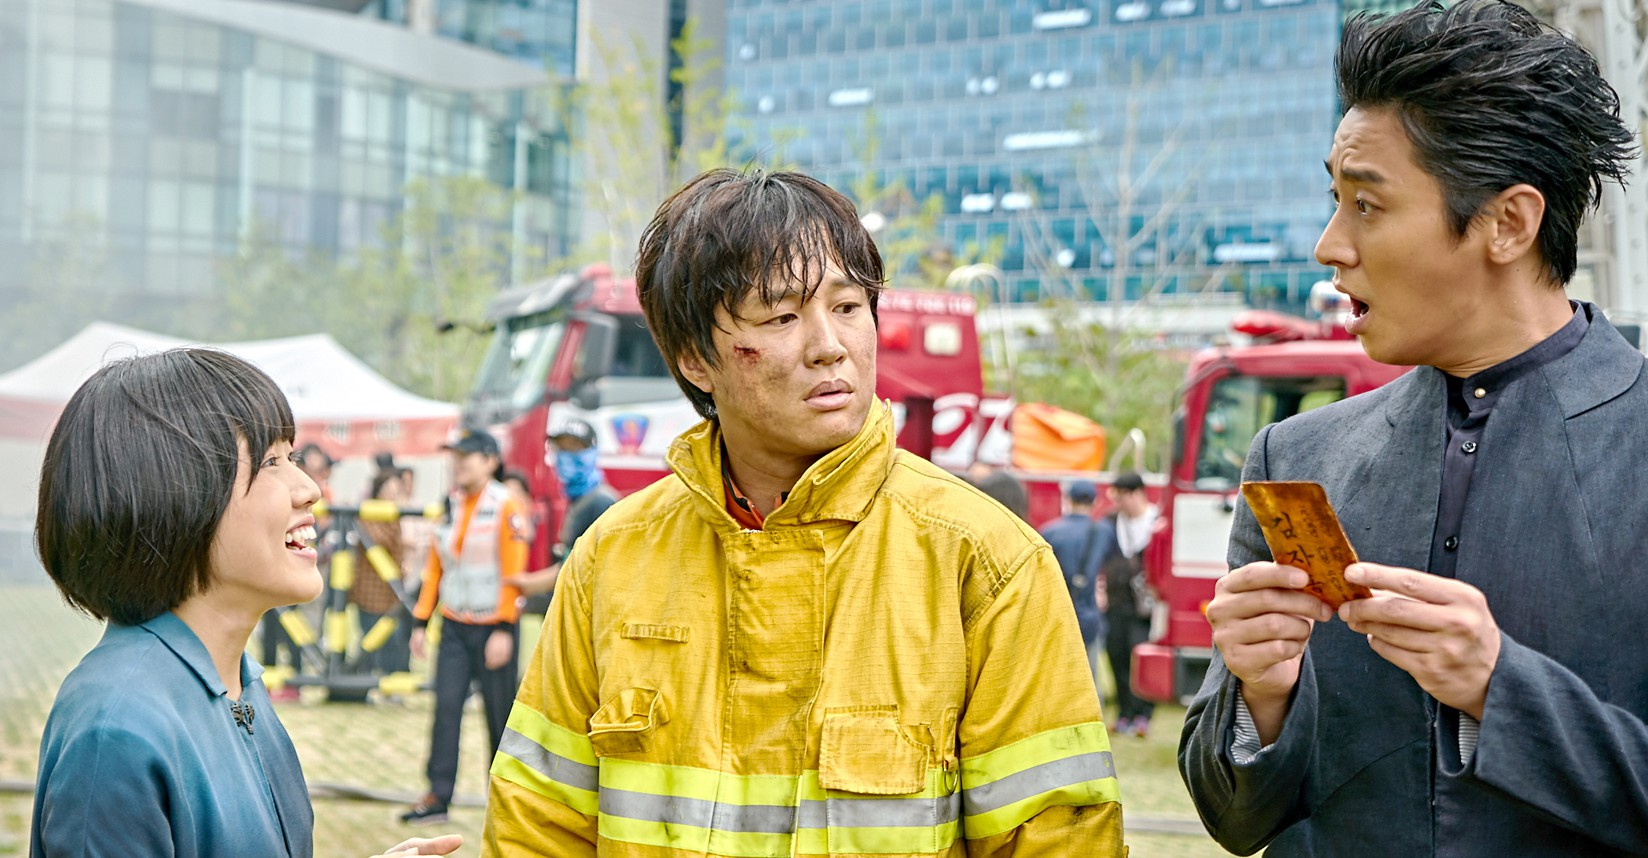 """Kể chuyện cõi âm đầy kỳ thú, """"Thử Thách Thần Chết"""" đáng là bom tấn chốt năm 2017 của điện ảnh Hàn - Ảnh 2."""